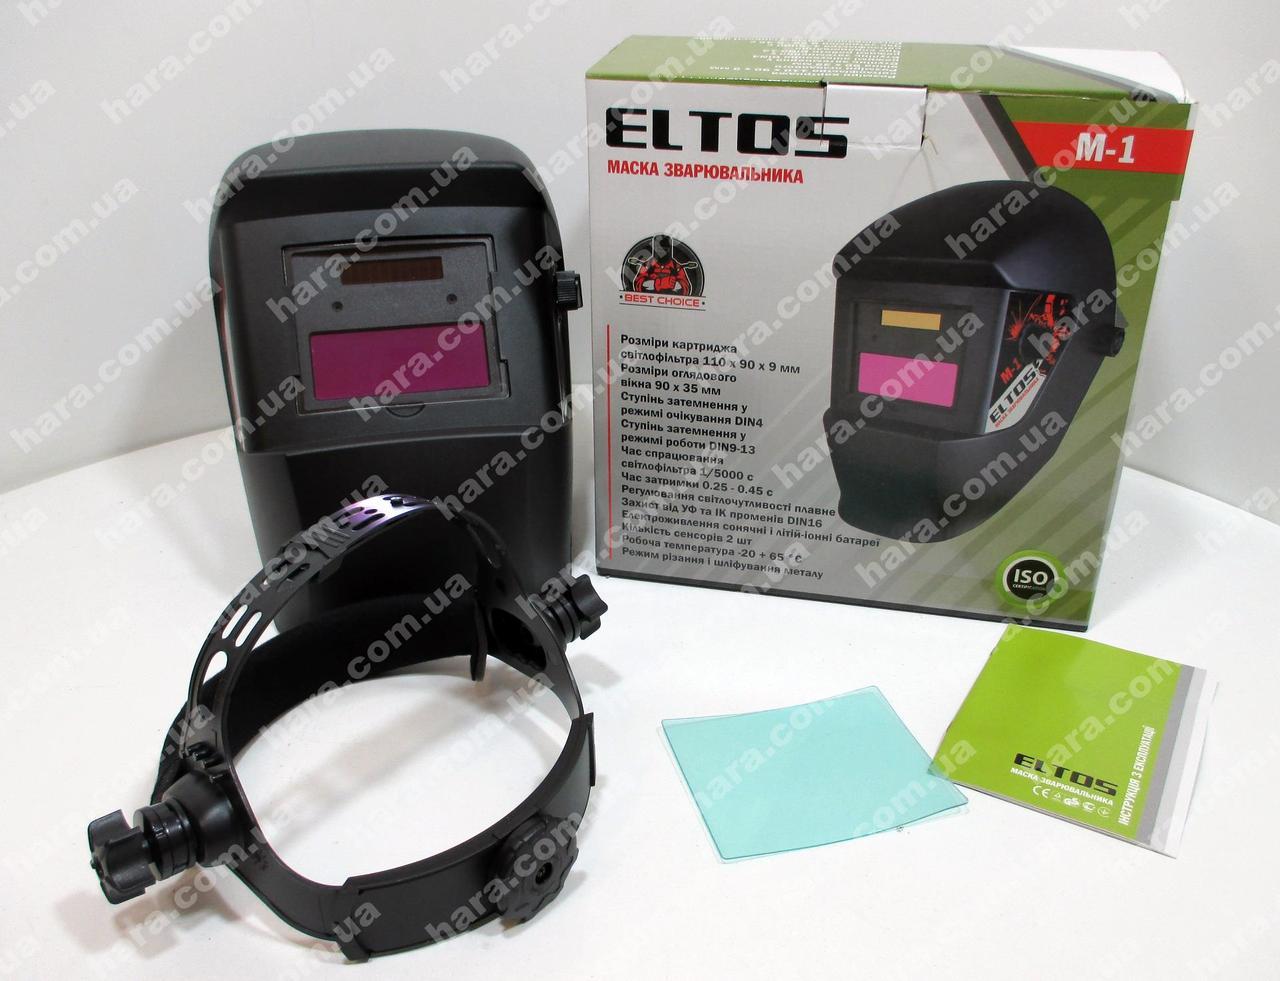 Сварочная маска Eltos M-1